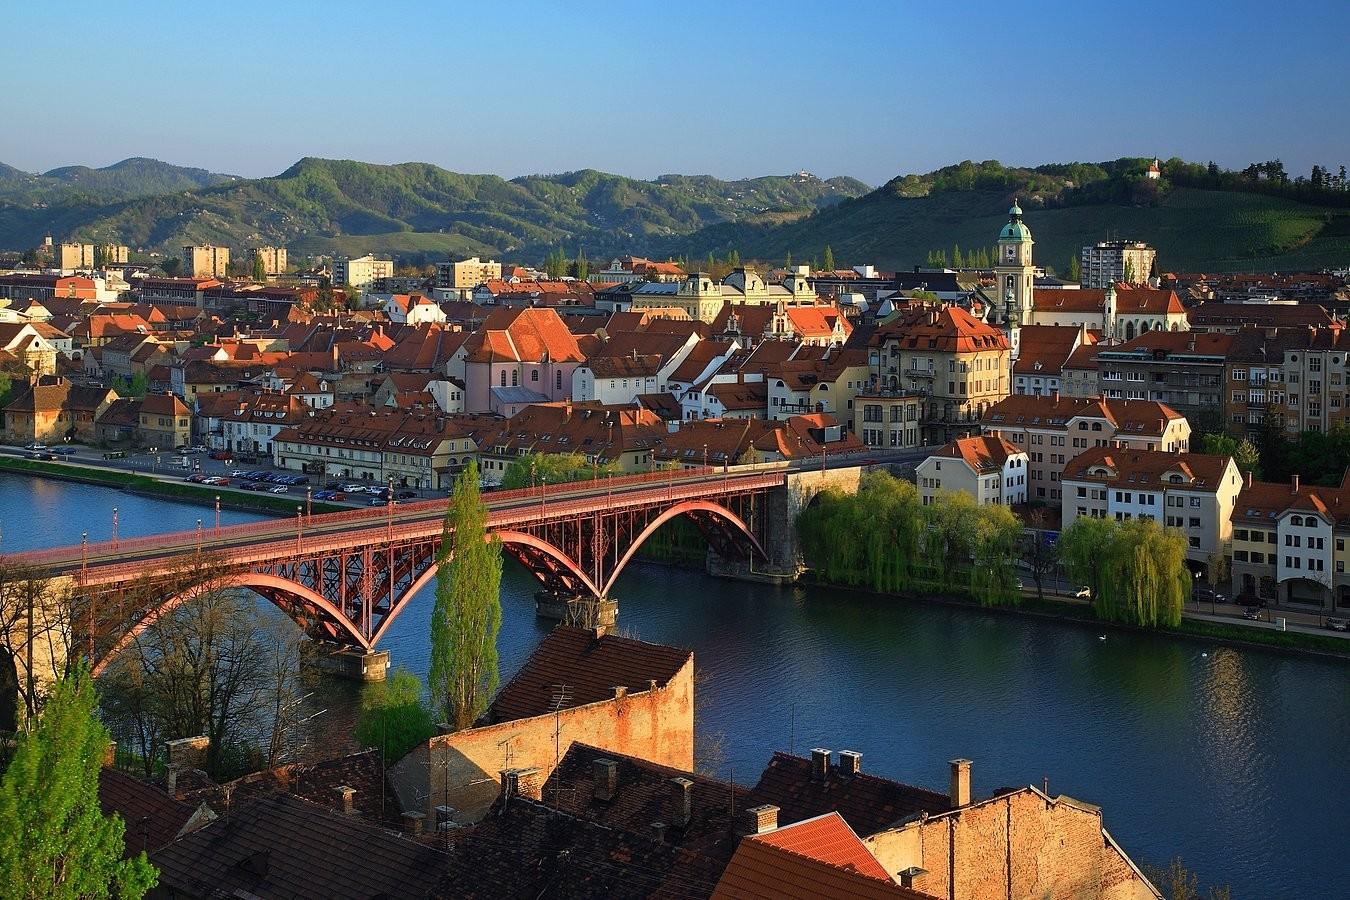 Experiência em Maribor, Eslovénia por Luka